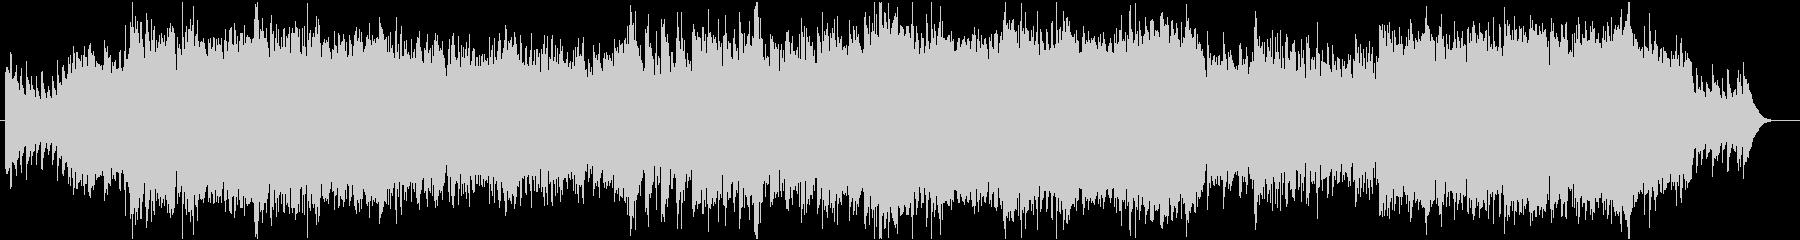 壮大な3拍子ケルト風BGM:オープニングの未再生の波形